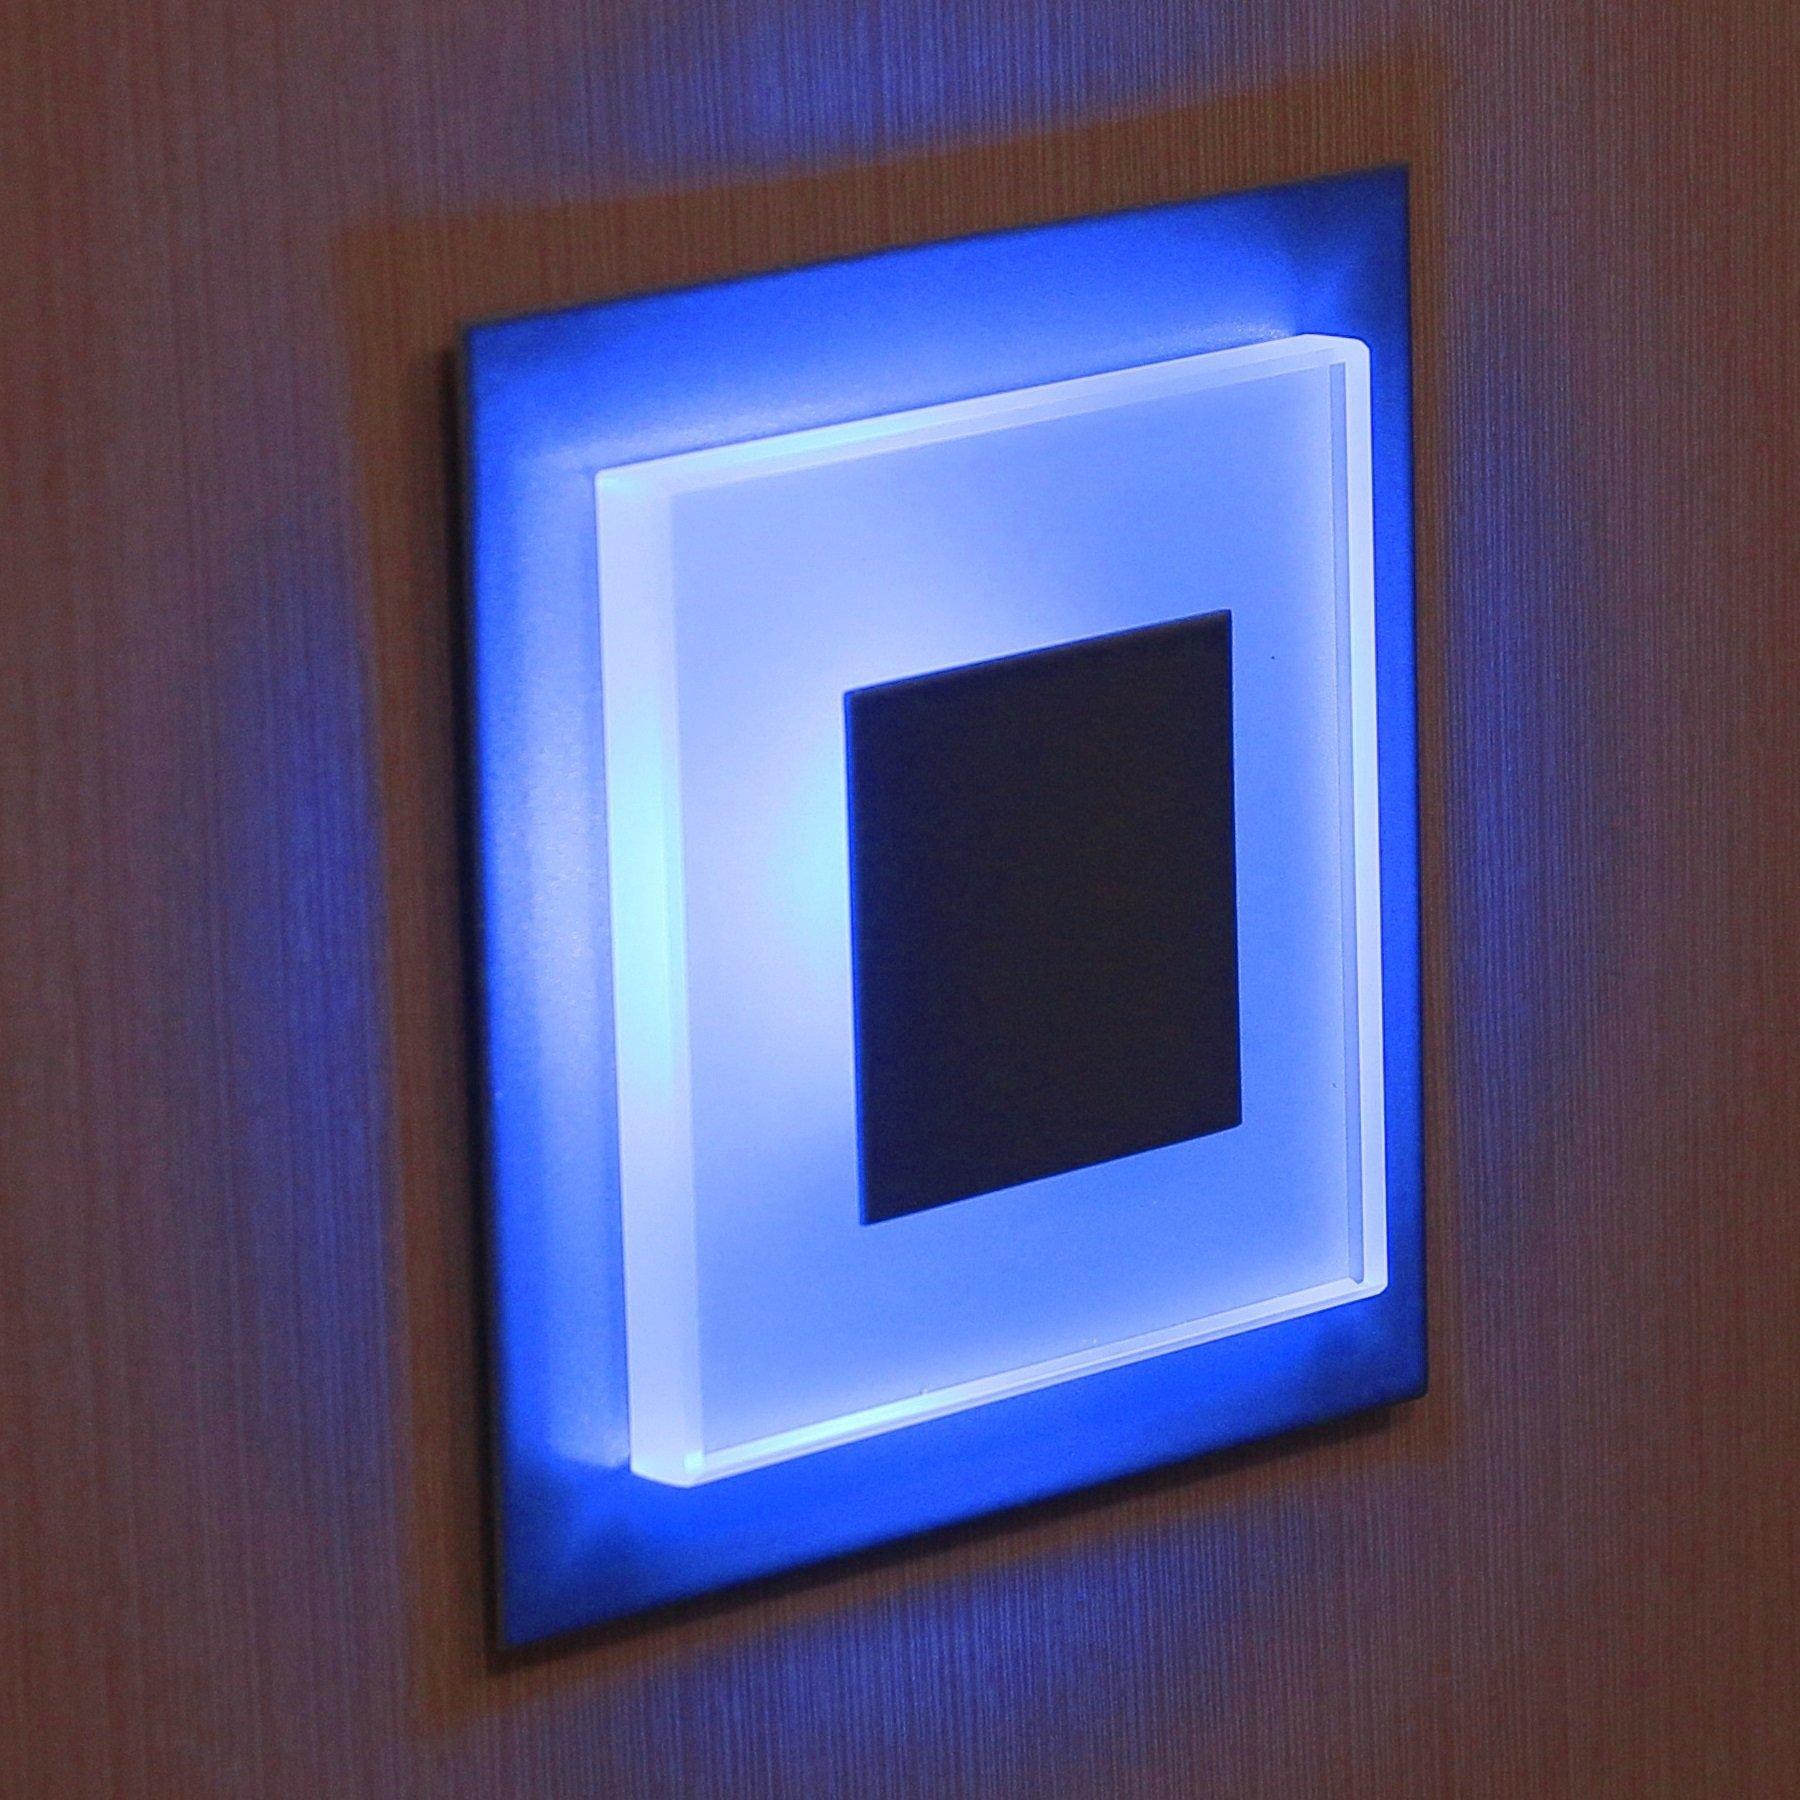 12V - 24V SUN-LED DUO apliques focos LED para escalera, escalera, pasillo, luz azul marco de